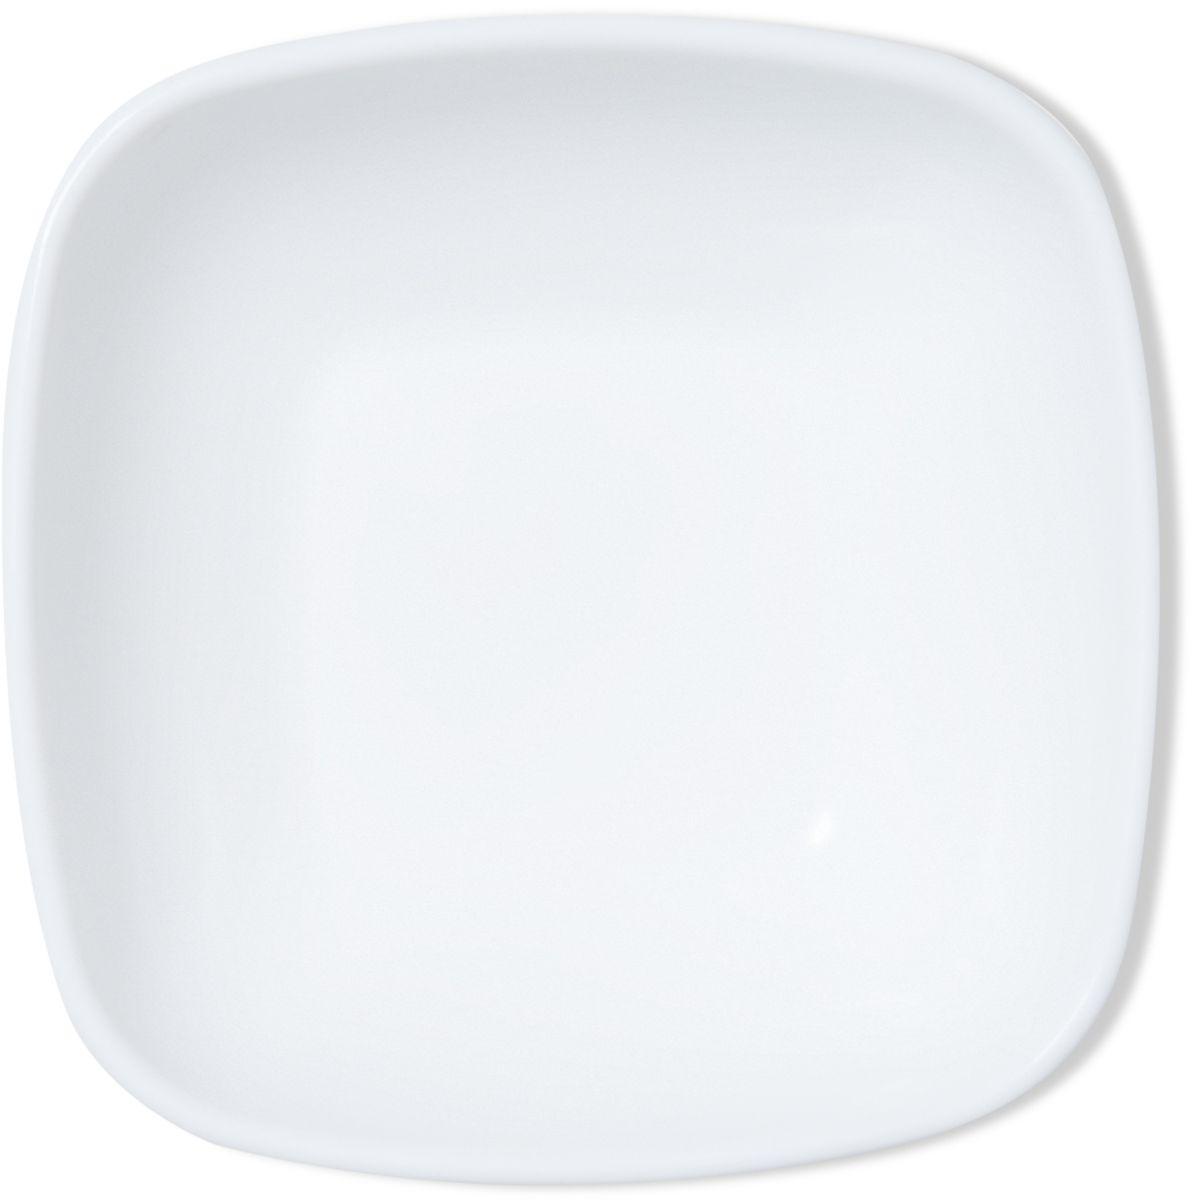 Миска Dosh l Home ADARA квадратная, цвет: белый, диаметр 15 смVT-1520(SR)Элегантная миска Dosh l Home ADARA отлично подходит для стильной сервировки блюд и закусок. Изготовлена из высококачественного силикона белоснежного цвета. Силикон не впитывает запах и вкус продуктов, устойчив к царапинам.Подходит для микроволновой печи, холодильника. Можно мыть в посудомоечной машине.Мыть обычными моющими средствами, не использовать агрессивные вещества, металлические мочалки, острые предметы и т.д..Диаметр: 15 см.